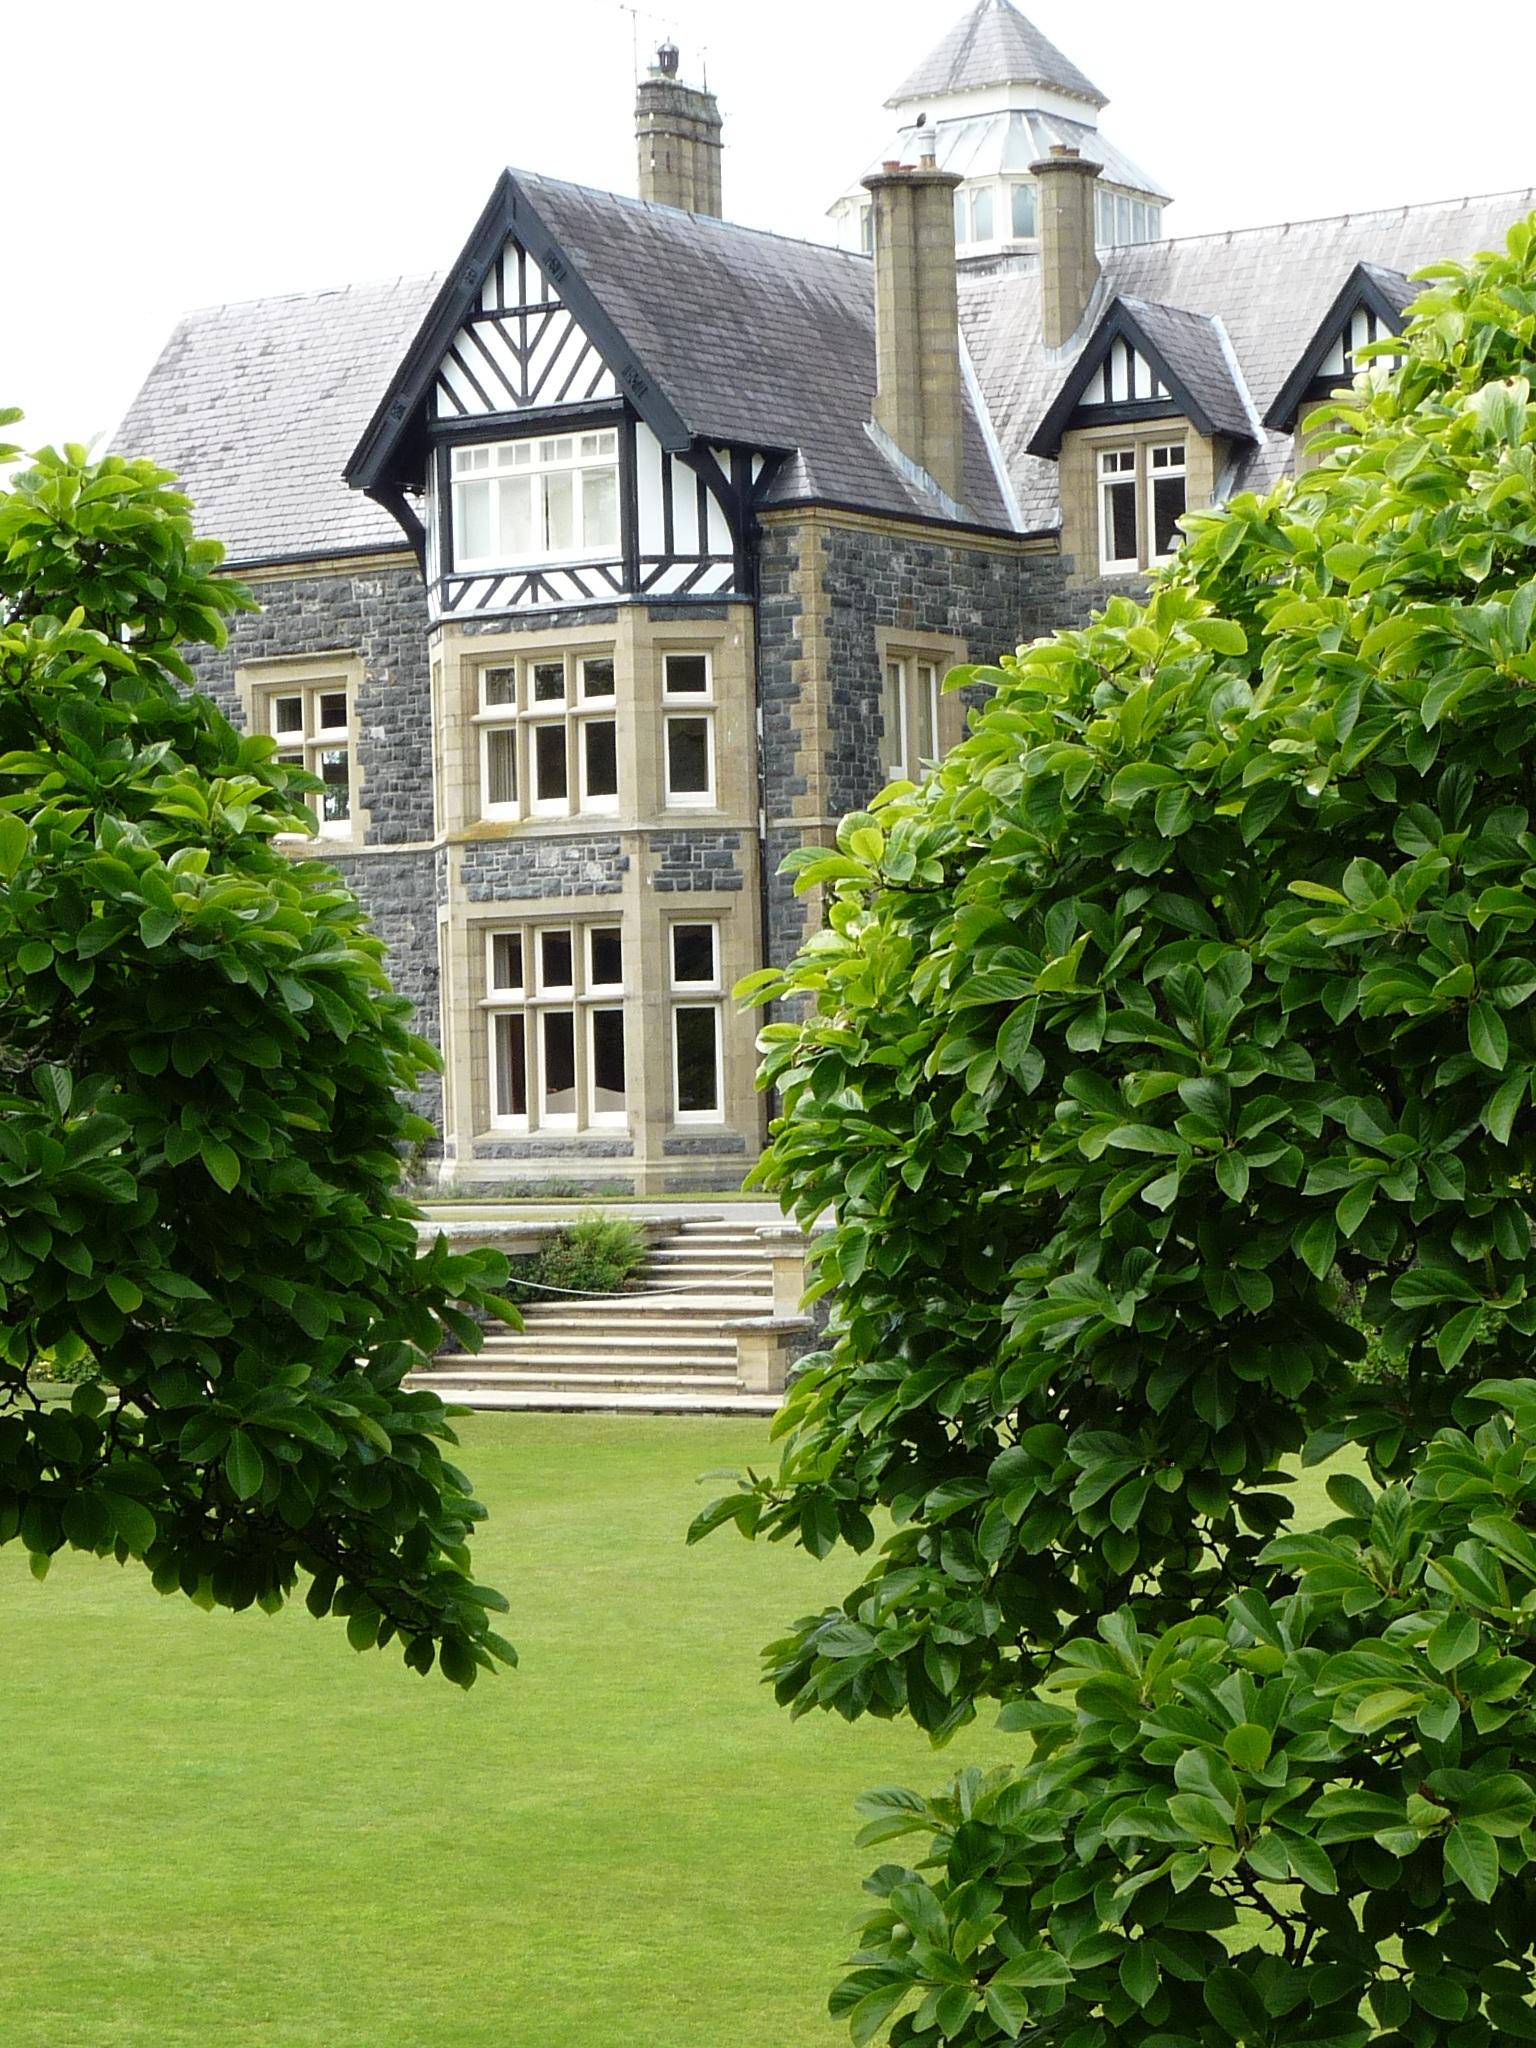 Kostenlose foto Baum Rasen Villa Haus Blume Gebäude